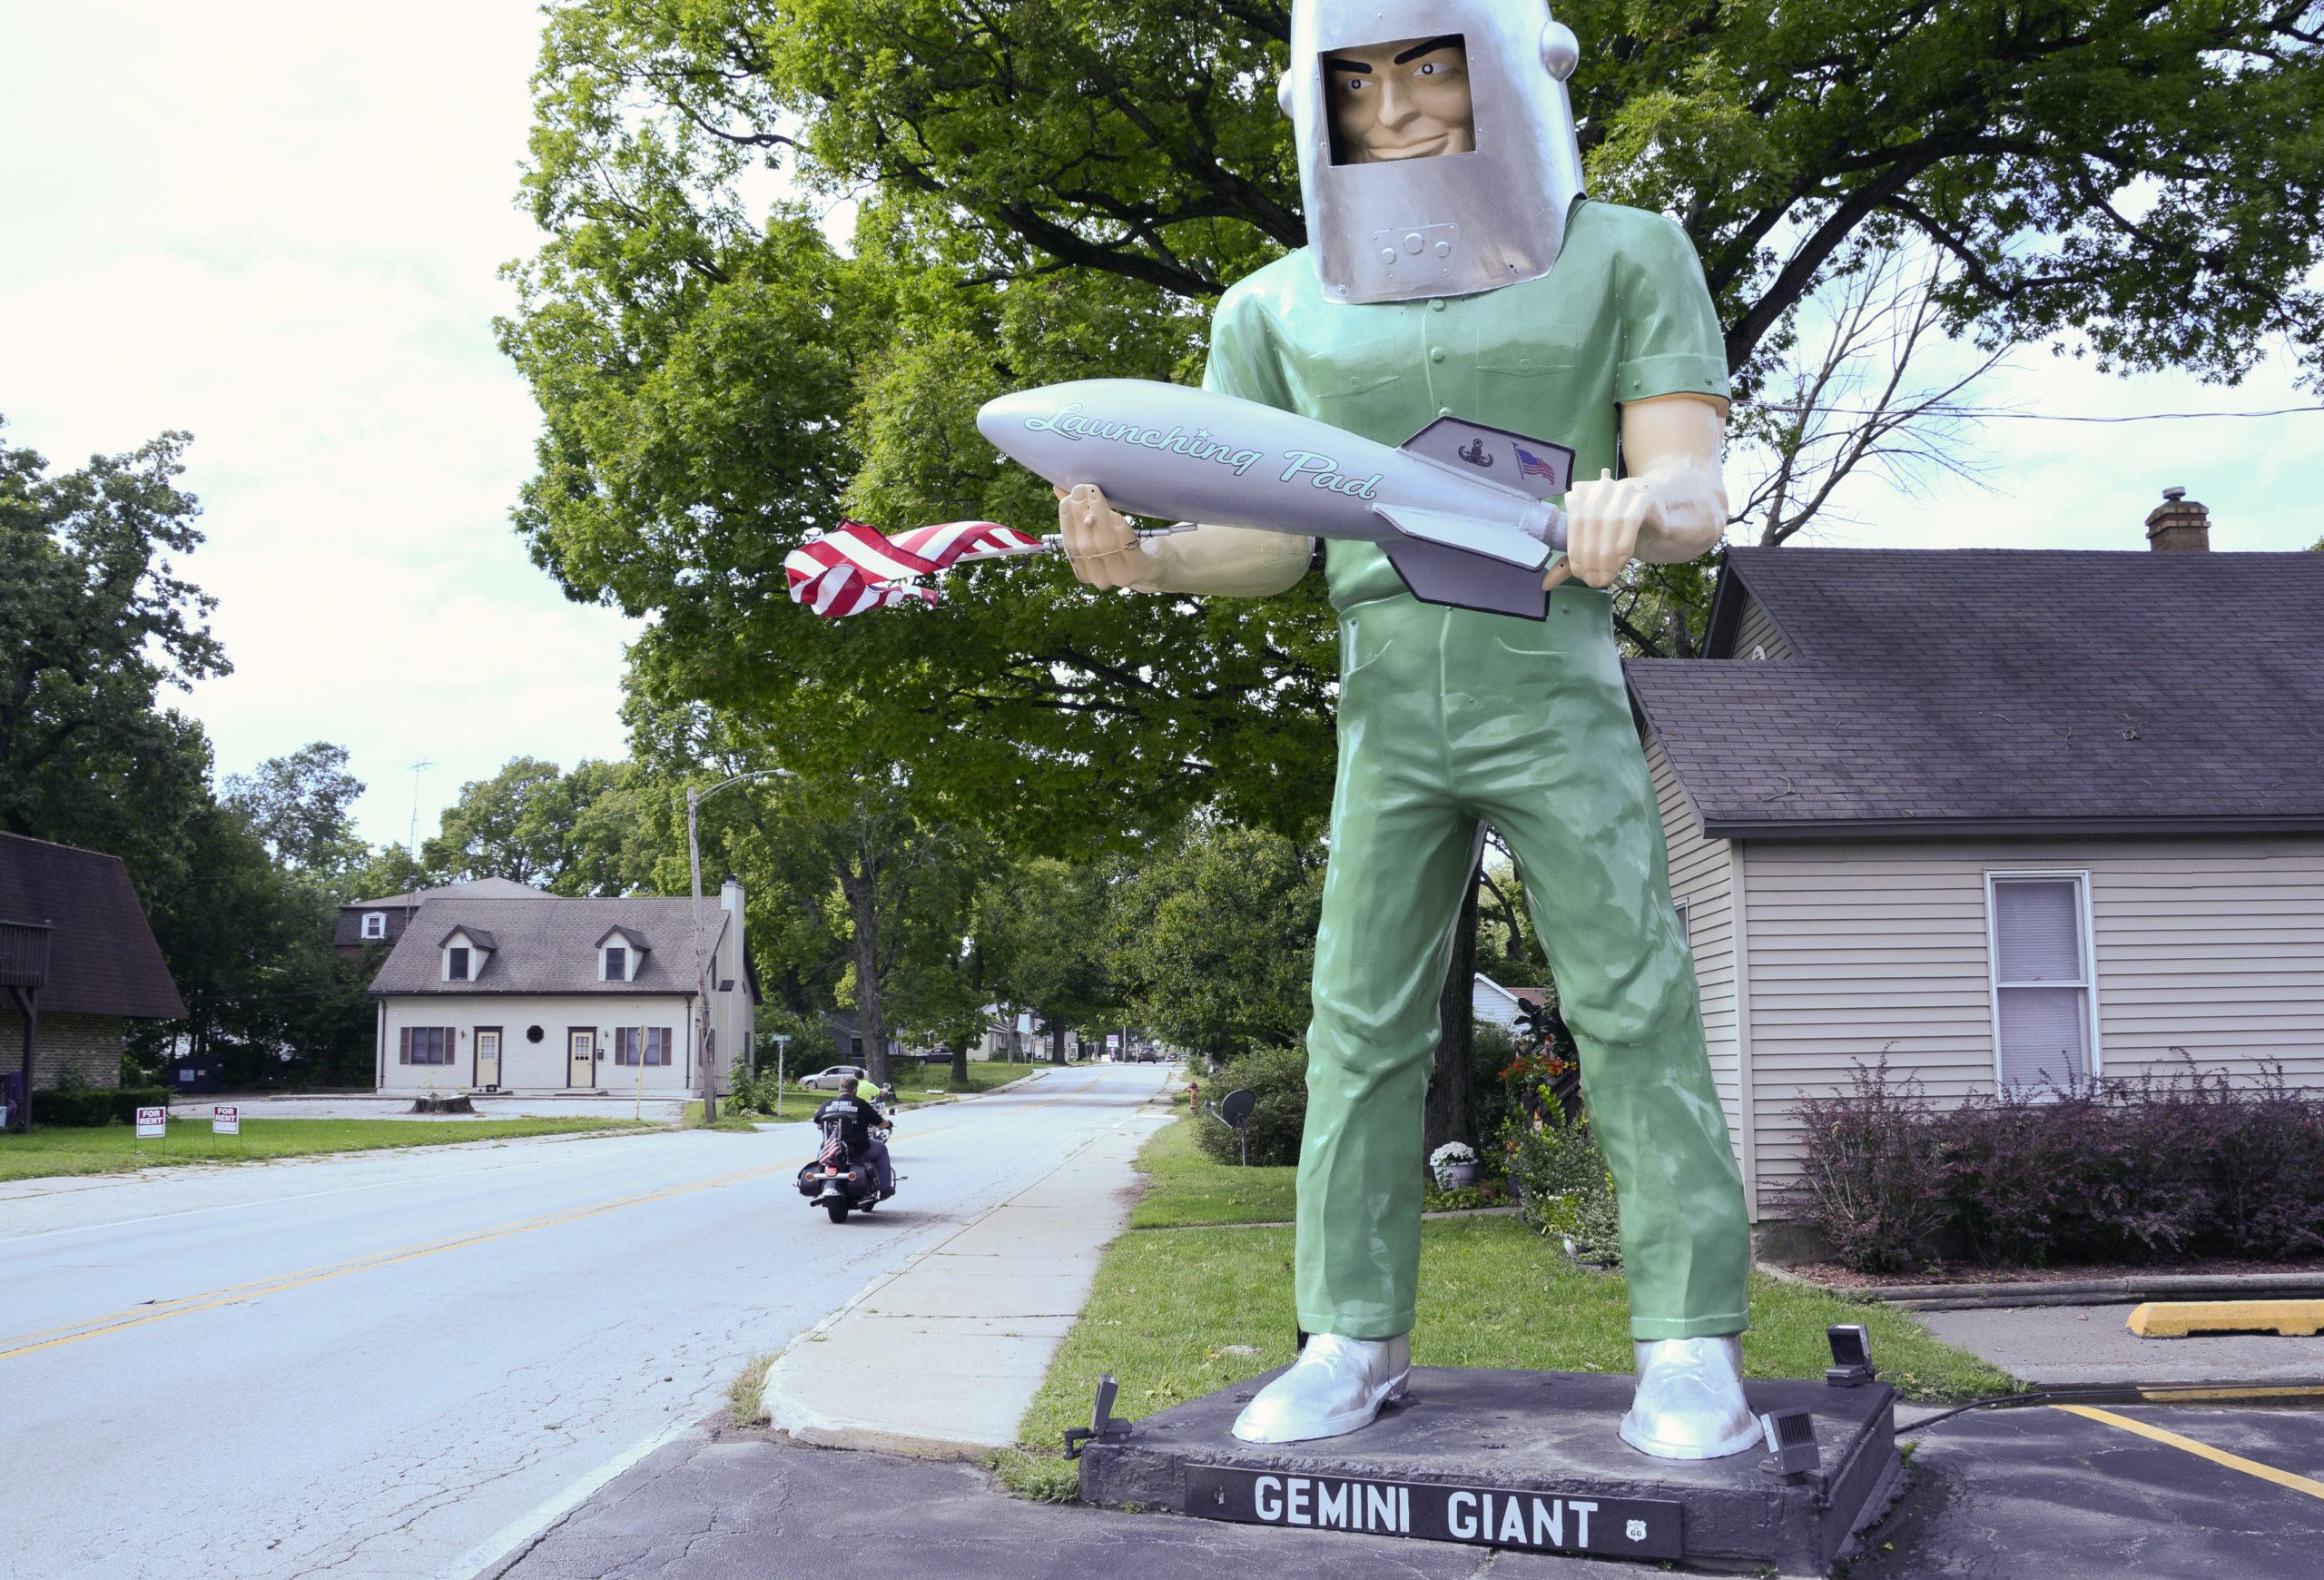 Der Gemini Giant ist einer der bekanntesten Muffler Men an der Route 66